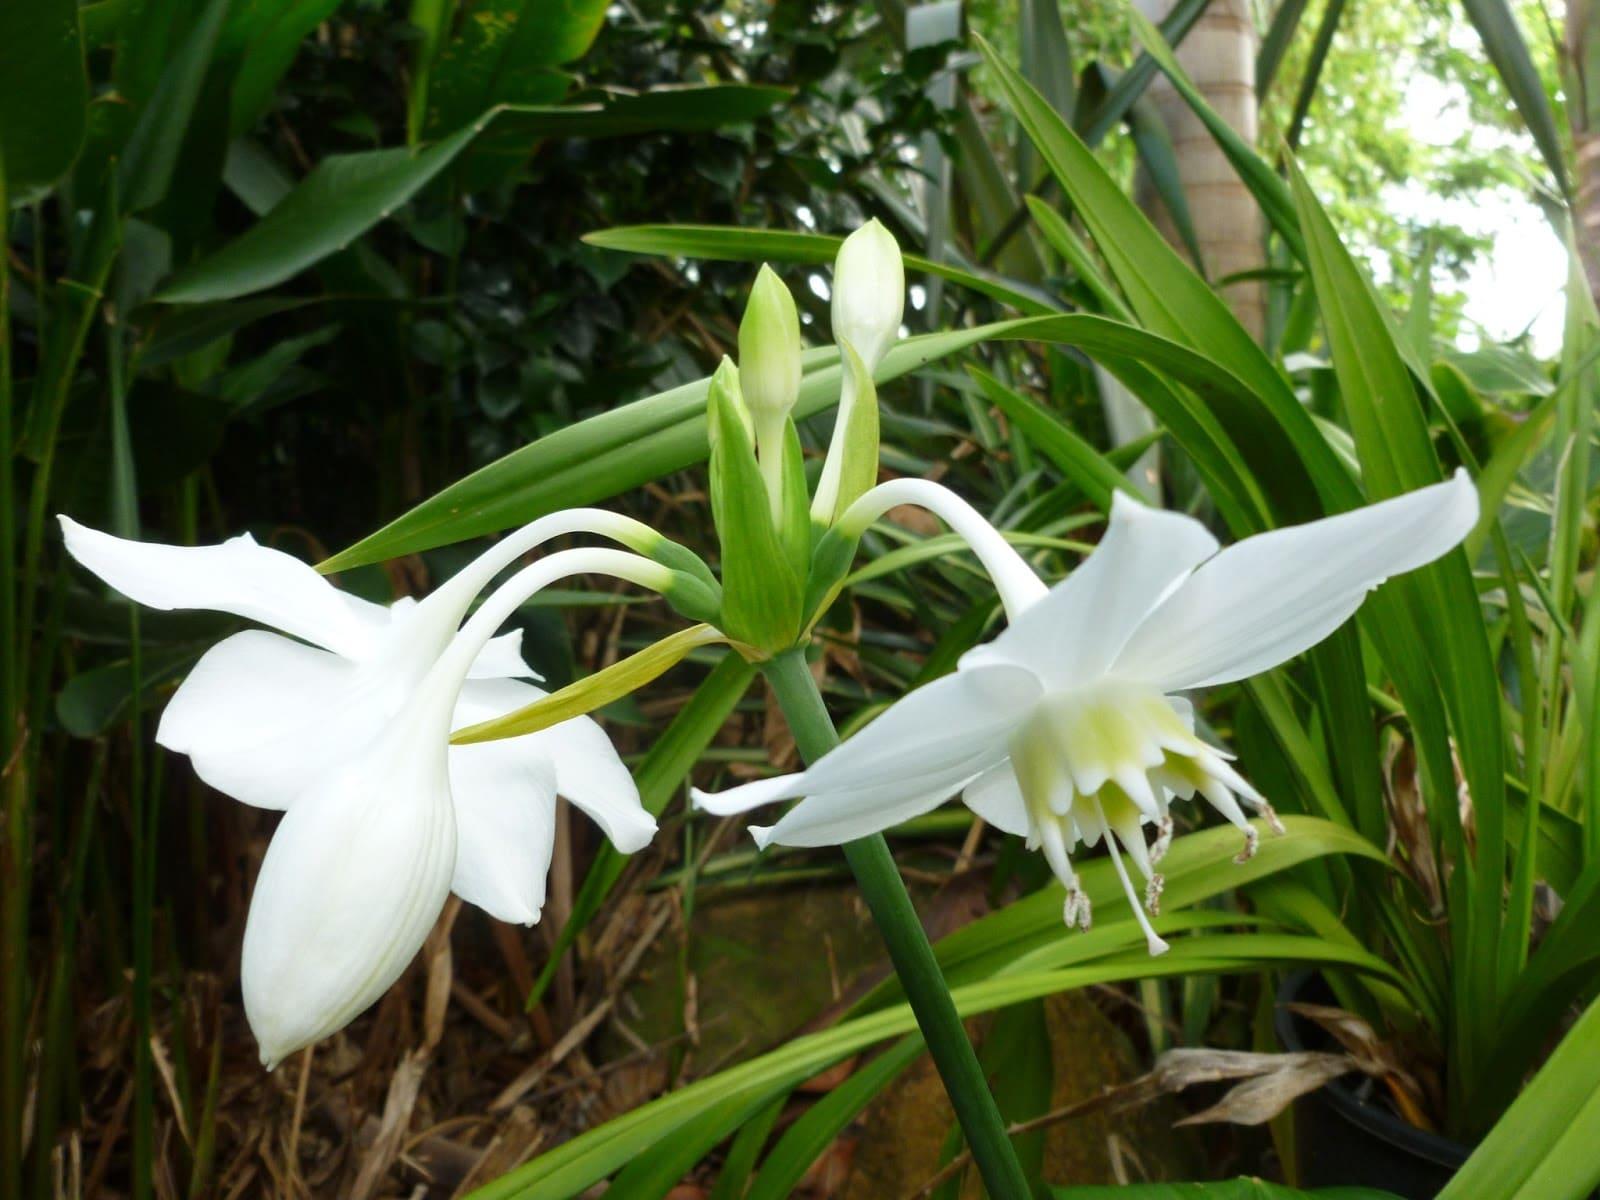 euharis-foto-video-vidy-i-sorta-amazonskoj-lilii-razmnozhenie-i-uhod-4